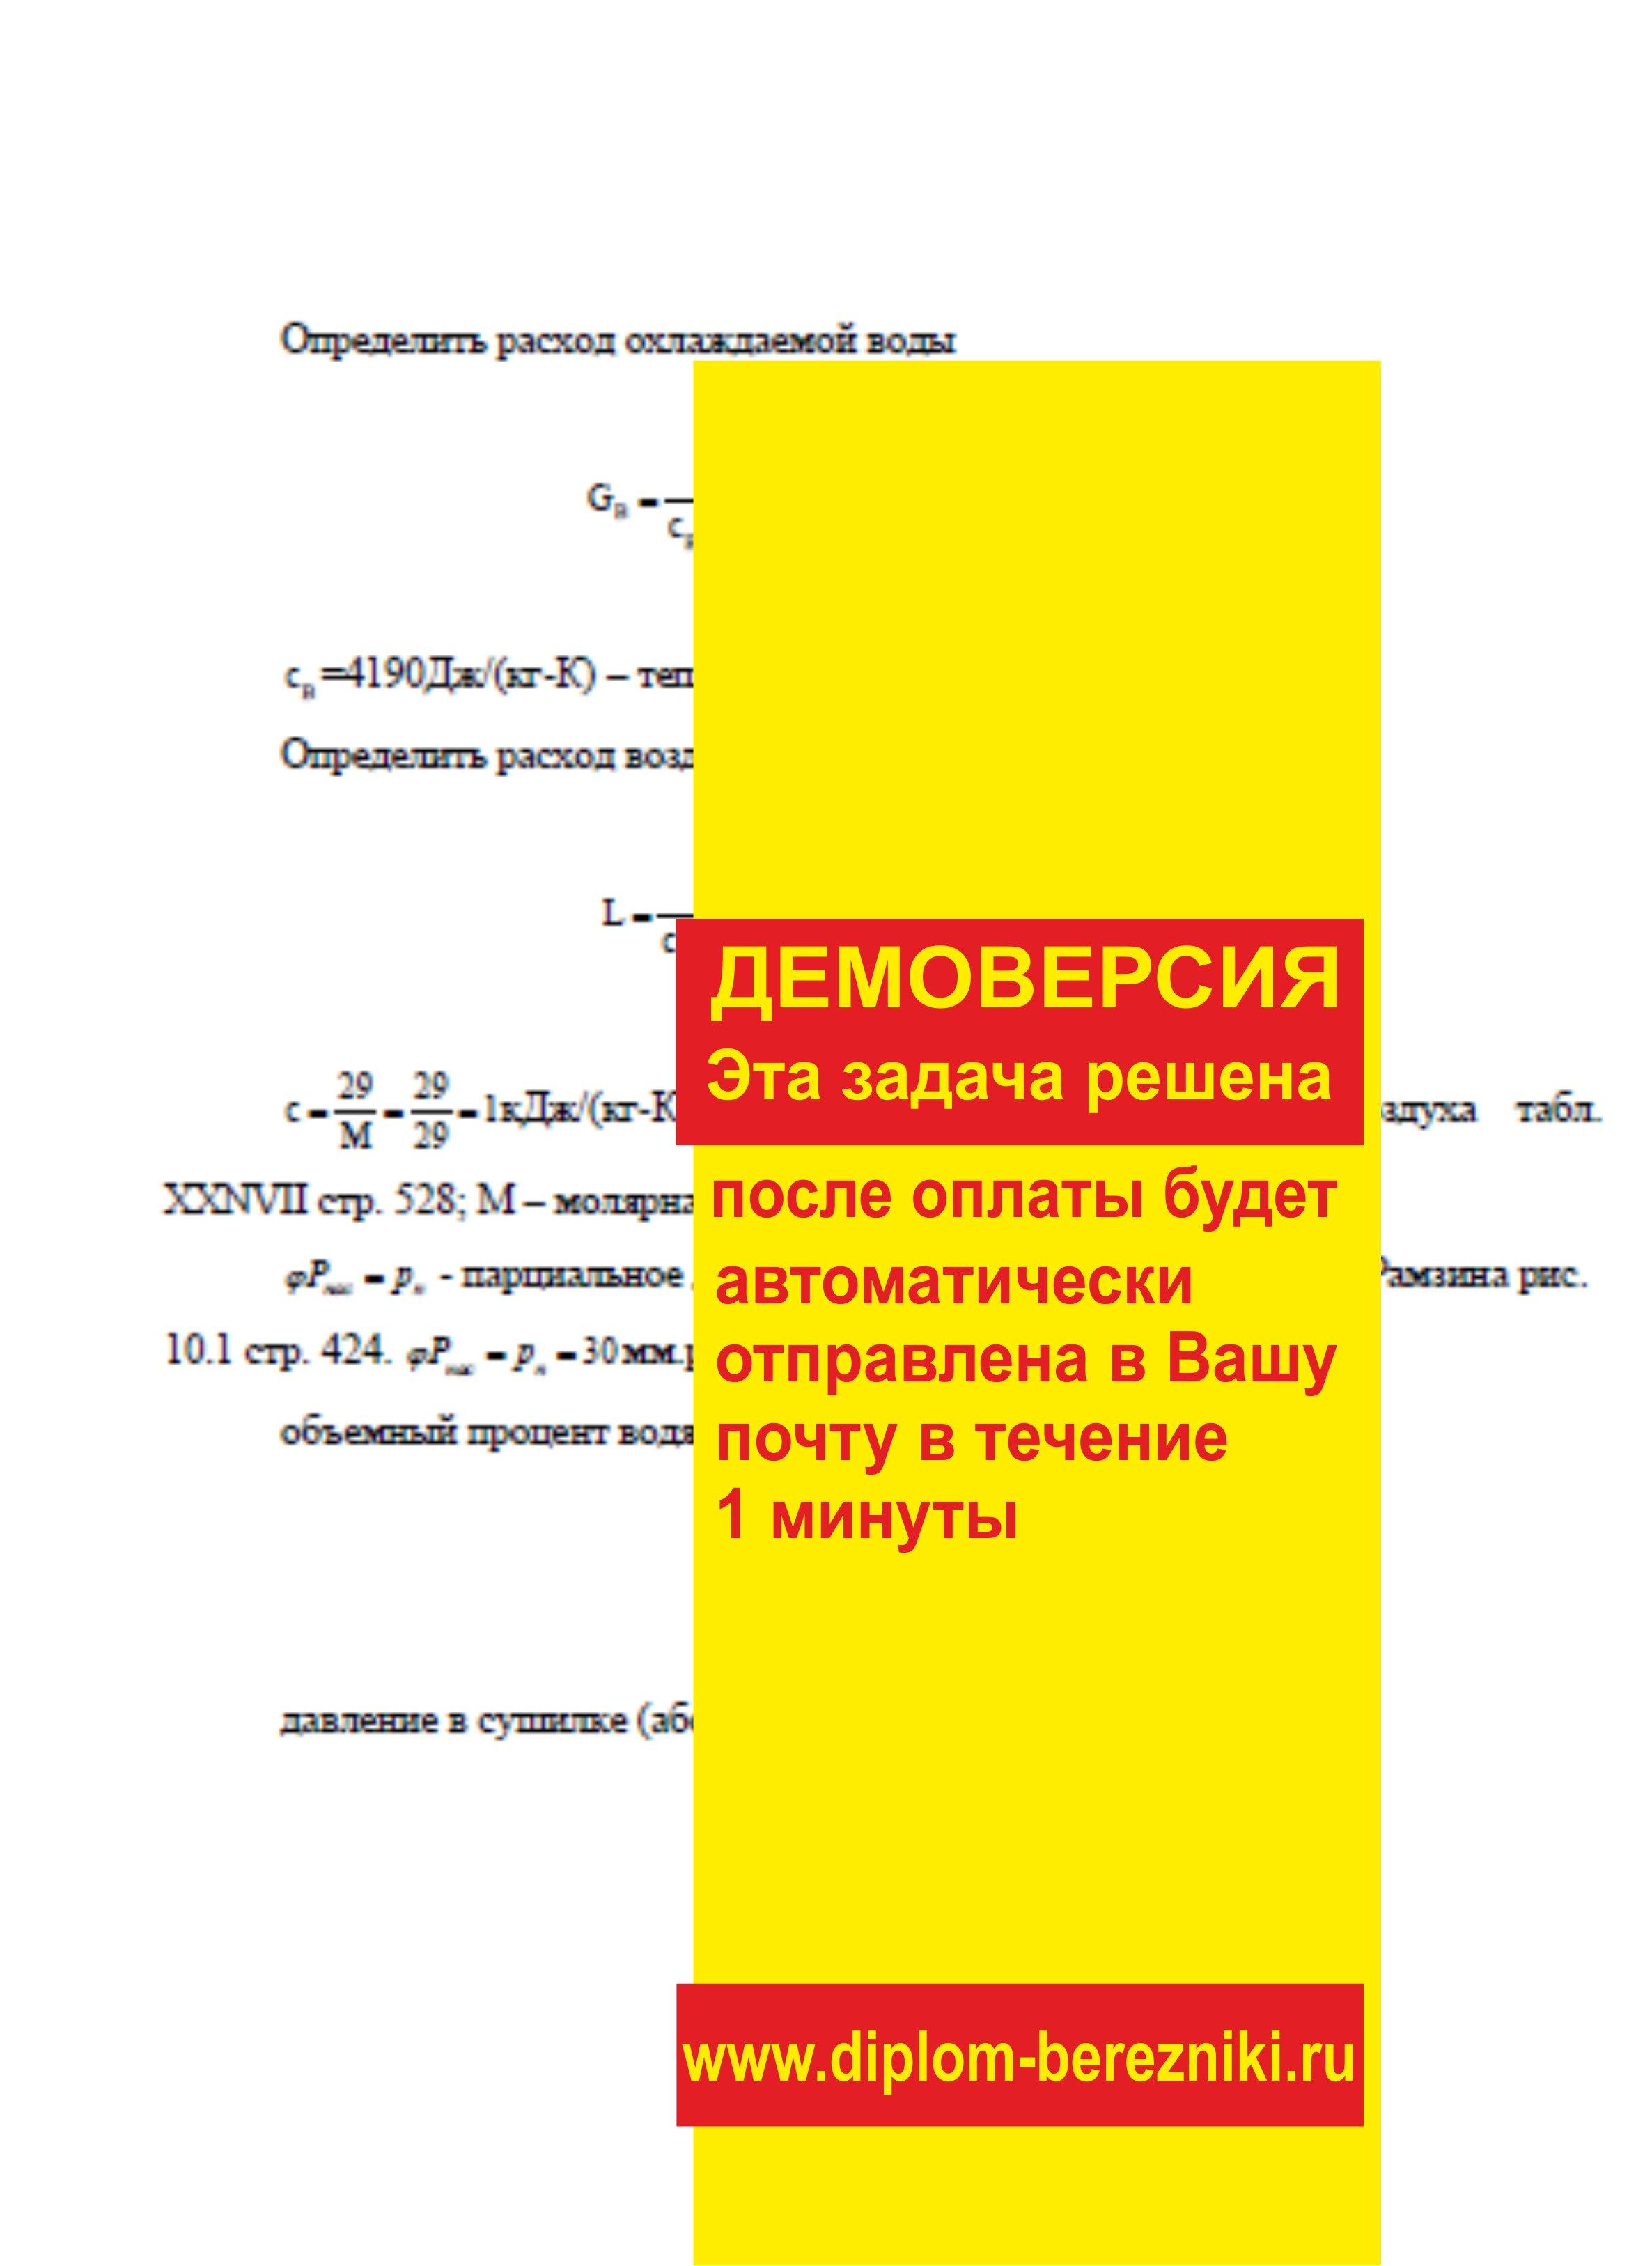 Решение задачи 10.24 по ПАХТ из задачника Павлова Романкова Носкова